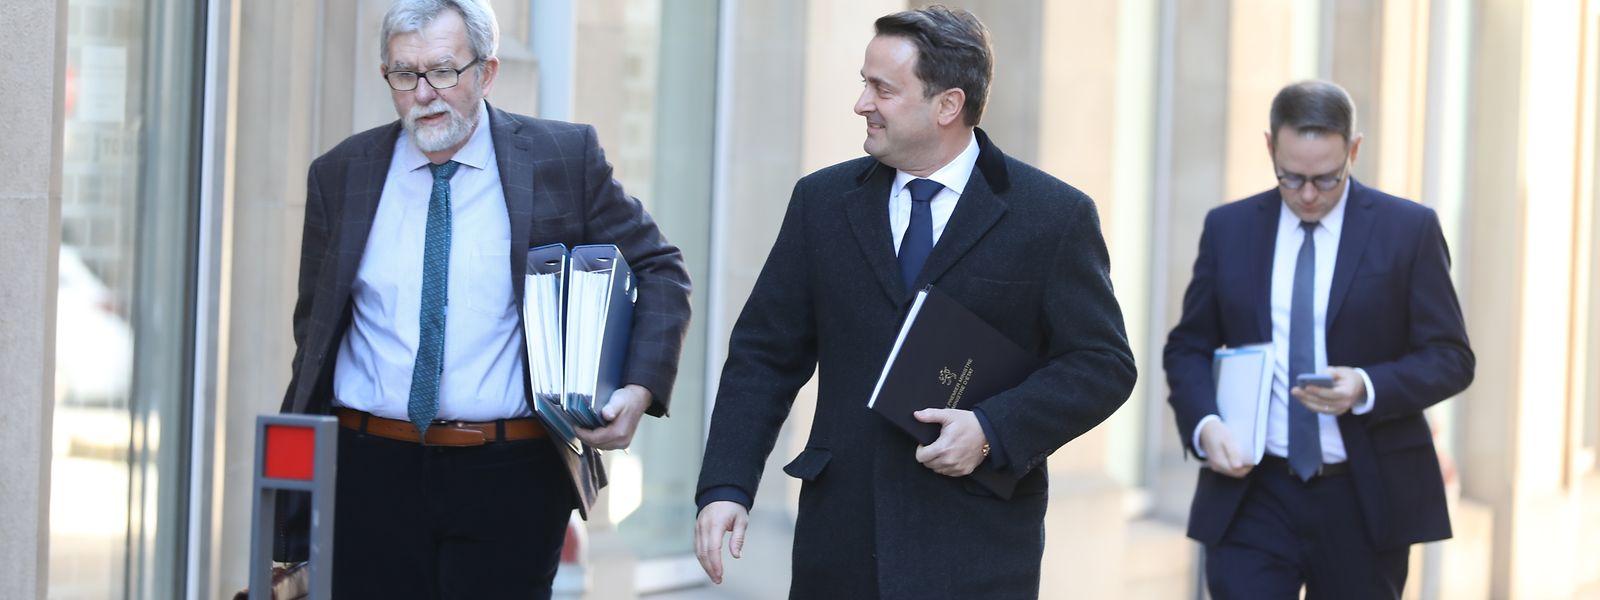 Premier Xavier Bettel mit Jeannot Waringo auf dem Weg zur Parlamentssitzung.